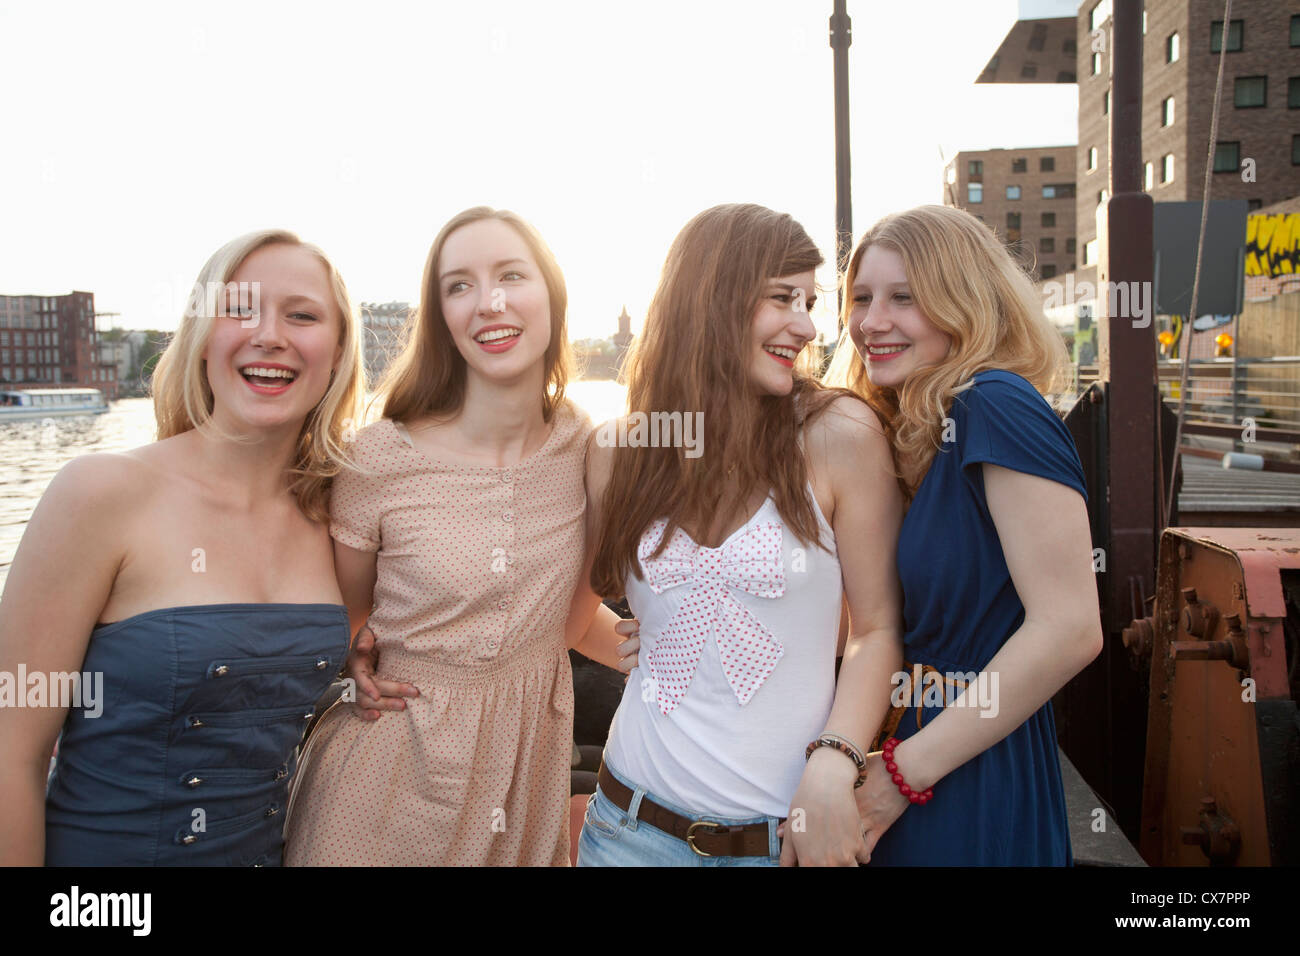 Vier Freundinnen stehen nebeneinander, Spree entlang, Berlin, Deutschland Stockbild